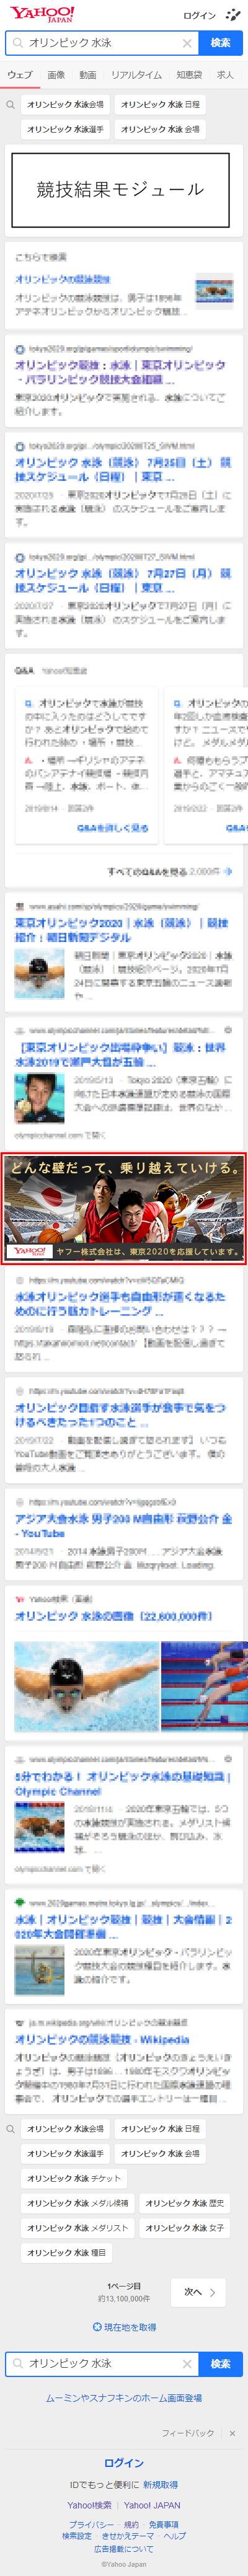 検索連動型ブランディング広告(スマートフォン)